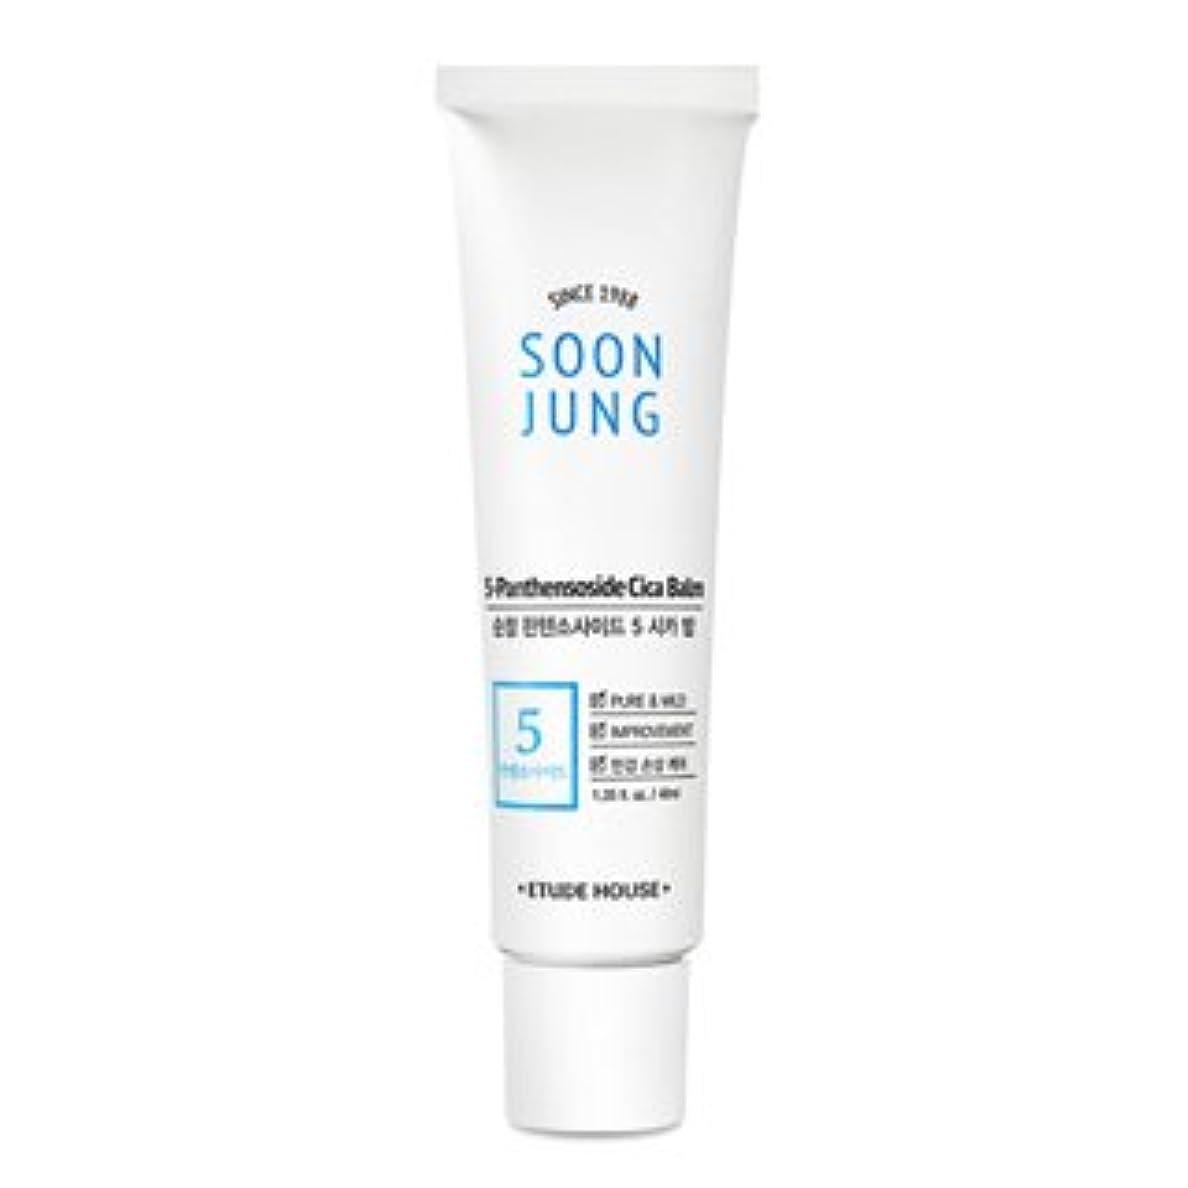 ウェブ是正する急襲[New] ETUDE HOUSE Soon Jung 5-Panthensoside Cica Balm/エチュードハウス スンジョン 5-パンテンソシド シカ バーム (40ml) [並行輸入品]